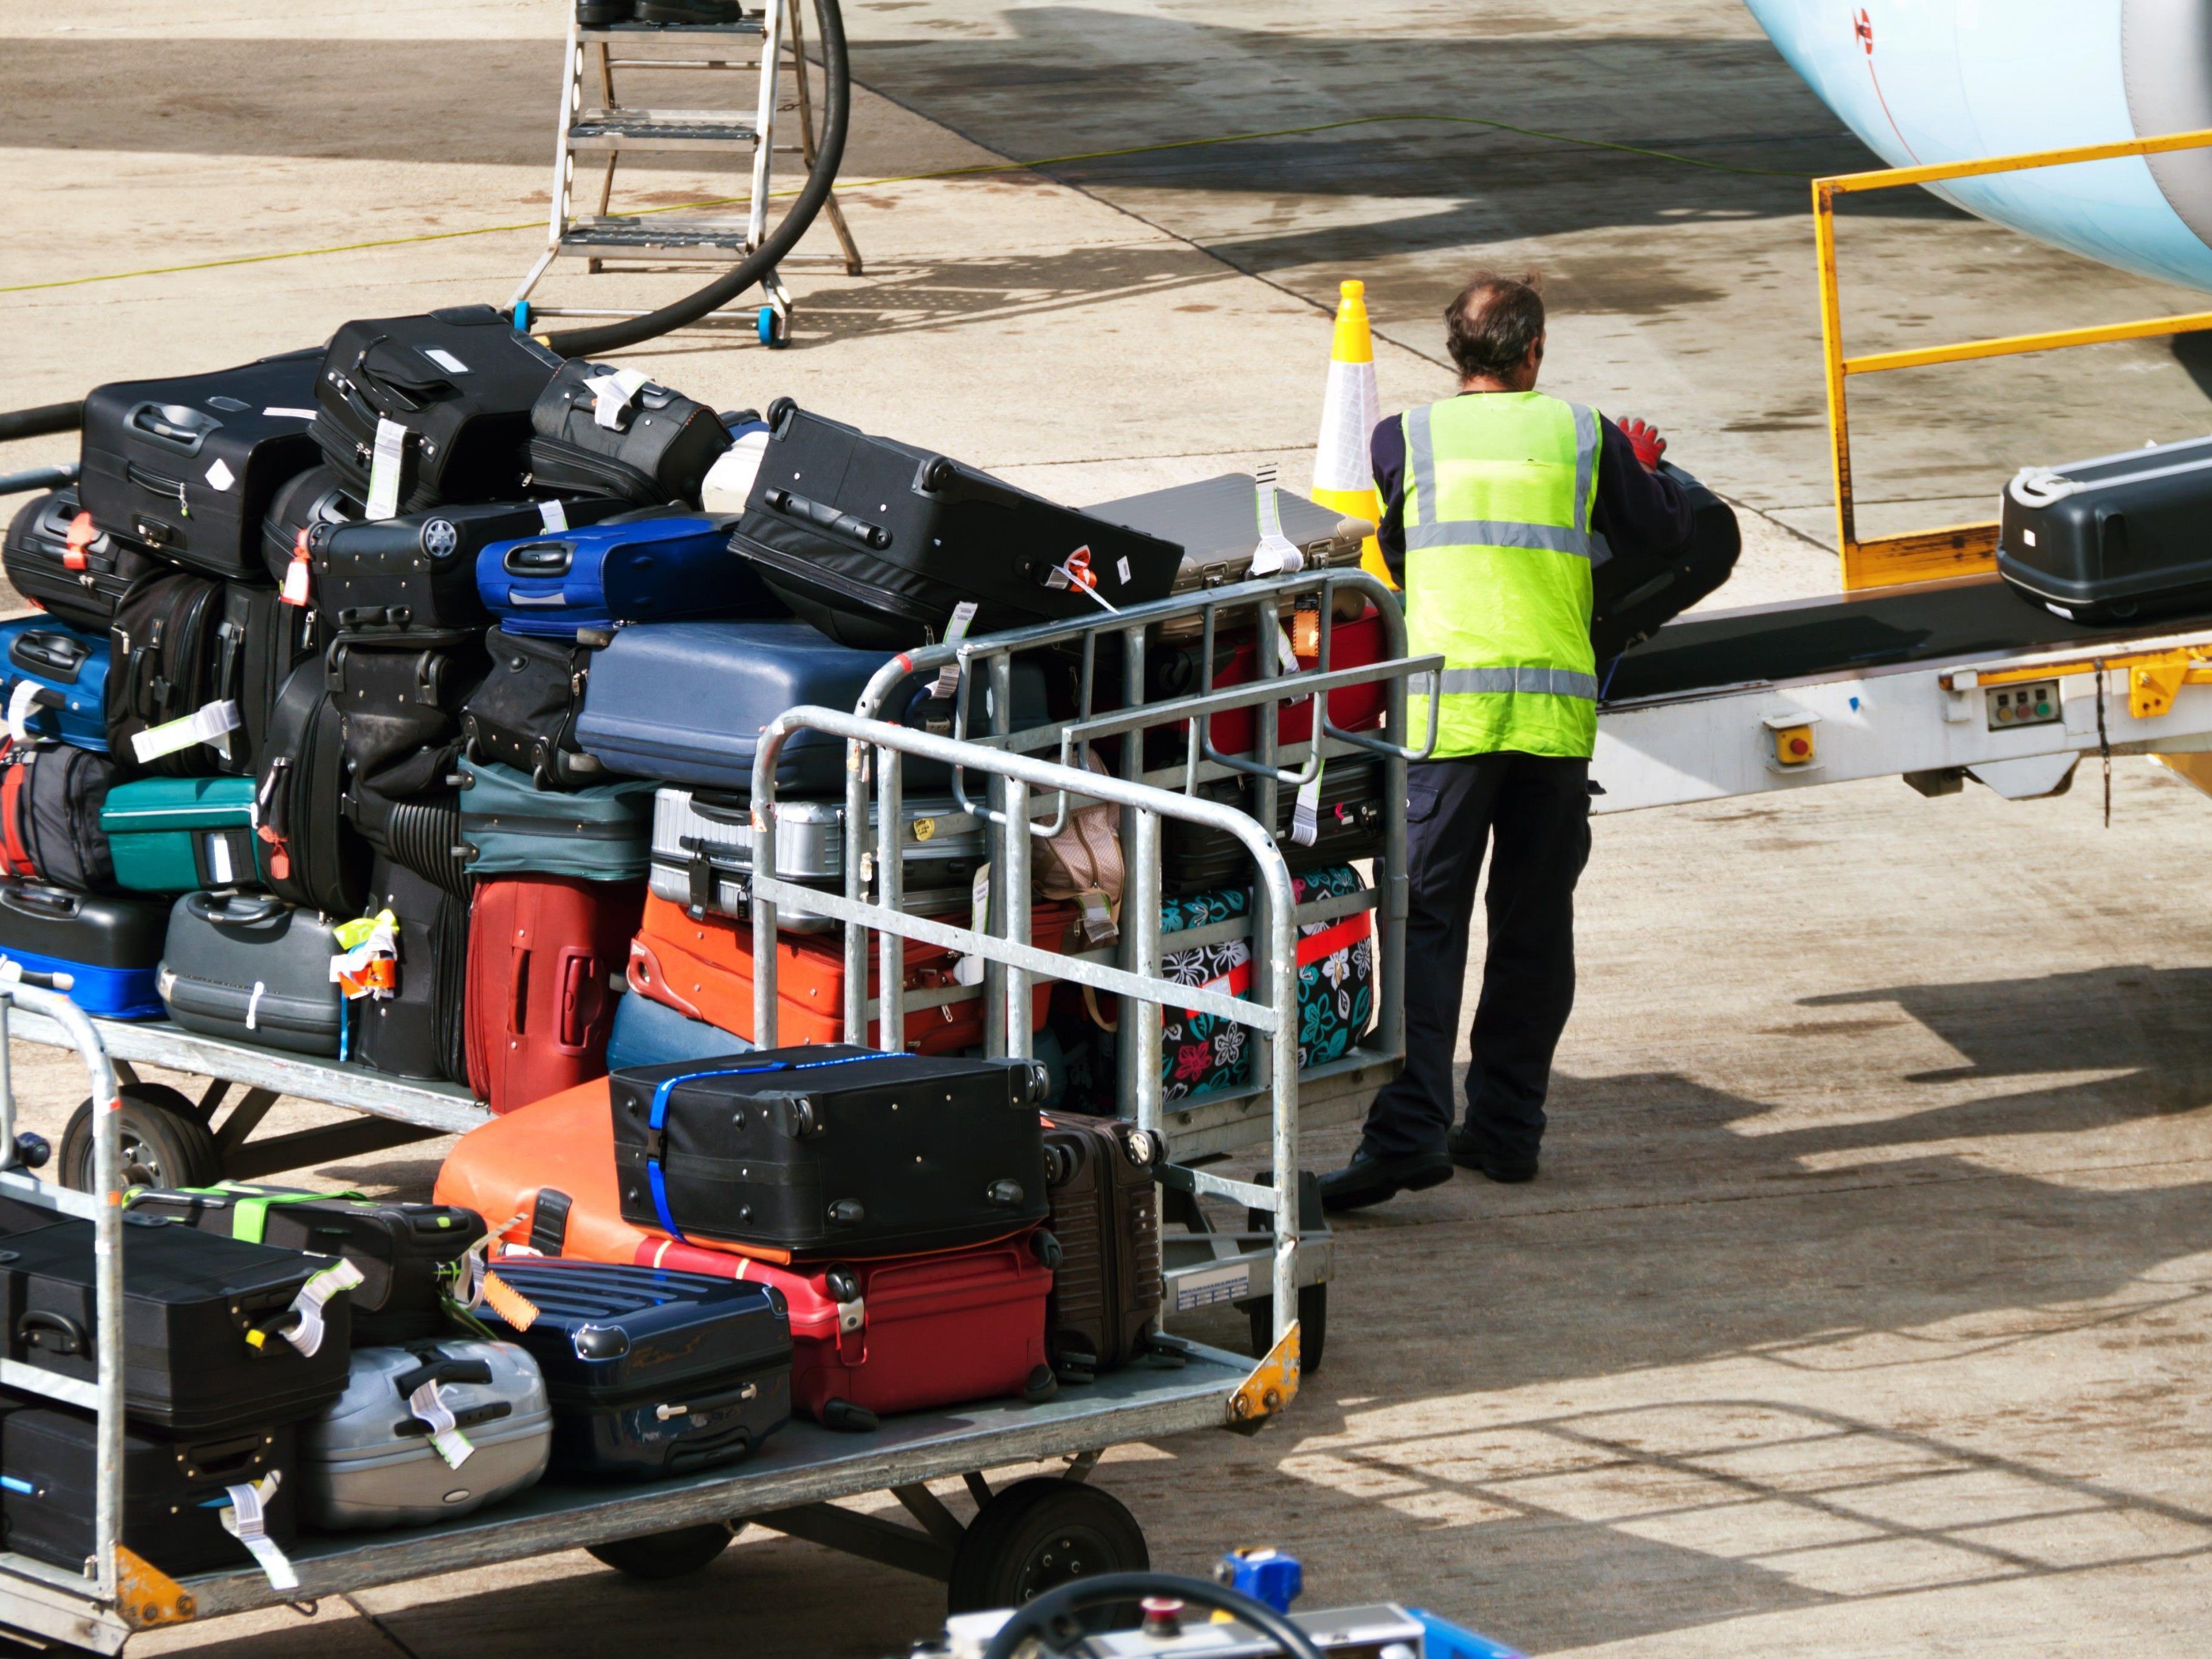 Das Ehepaar hatte die geschmuggelten Zigaretten im Gepäck versteckt.